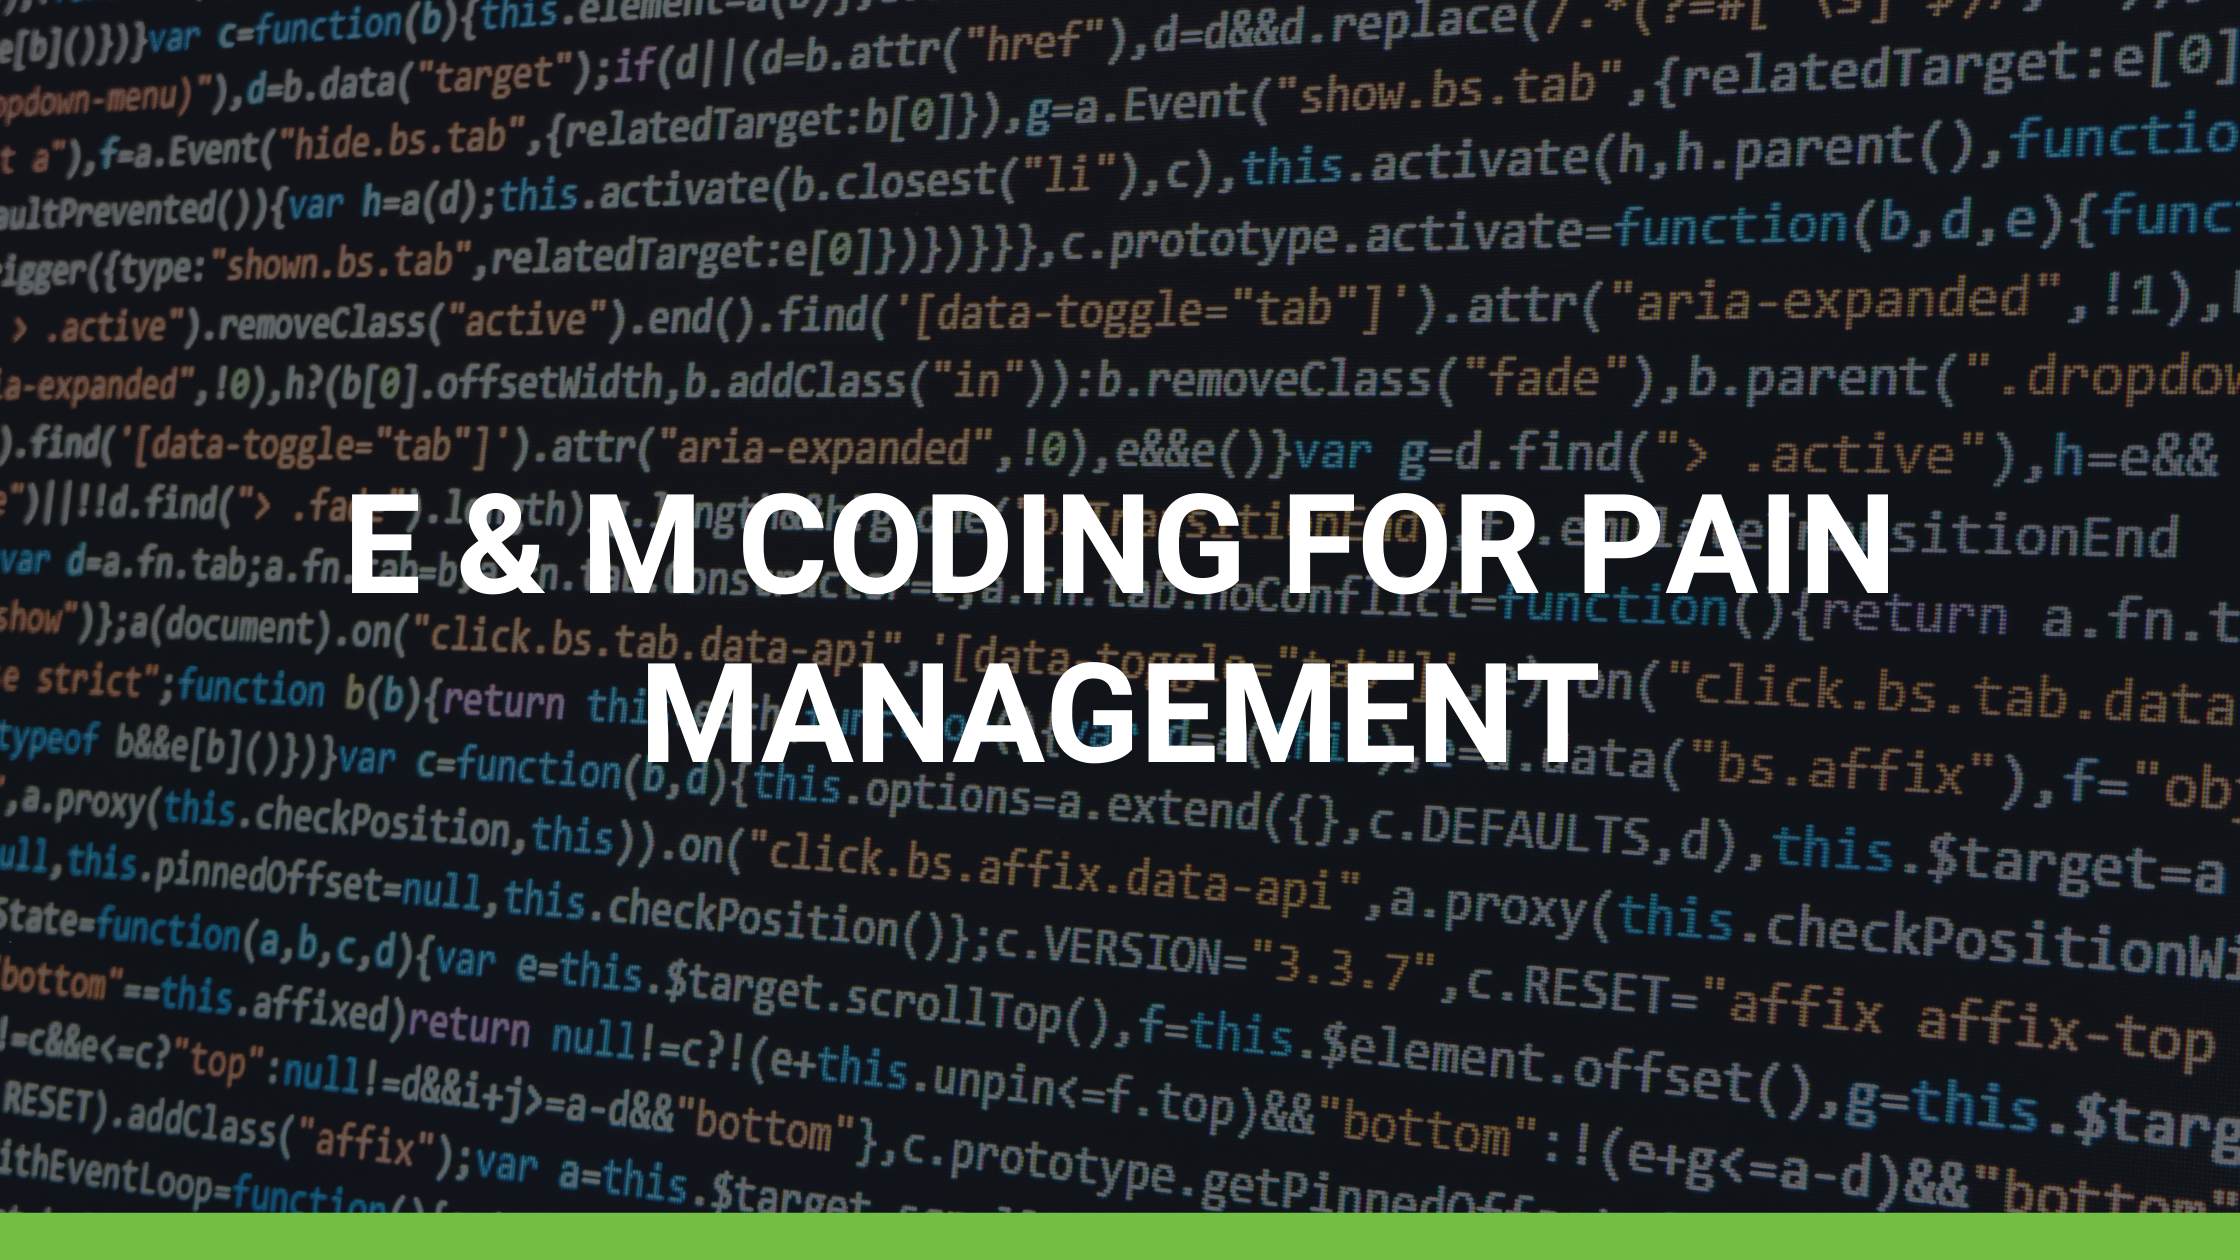 E & M Coding for Pain Management